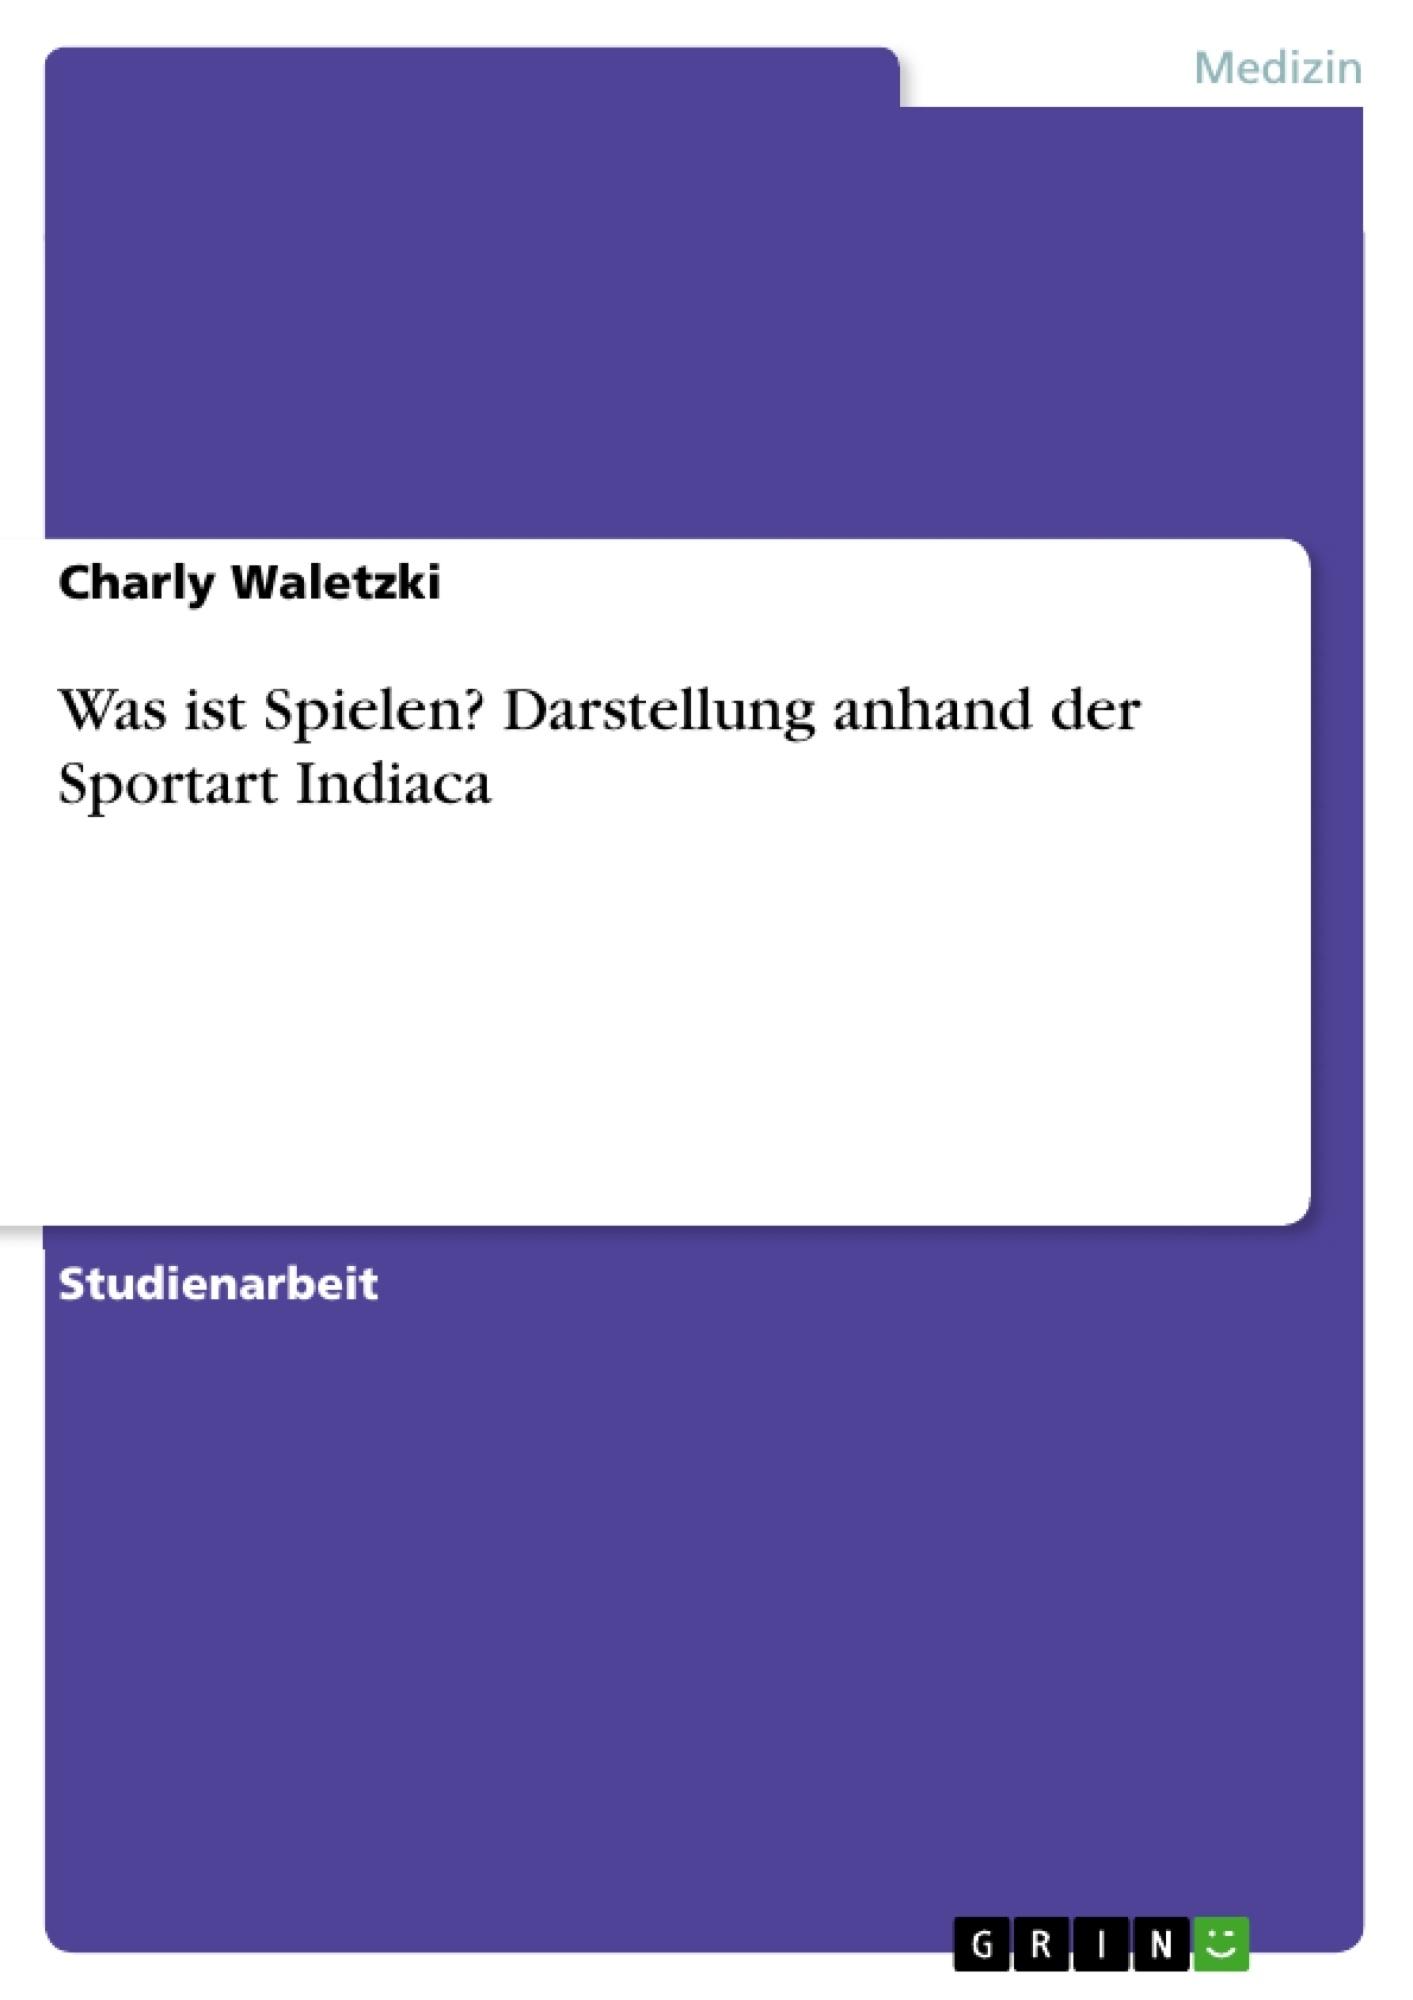 Titel: Was ist Spielen? Darstellung anhand der Sportart Indiaca